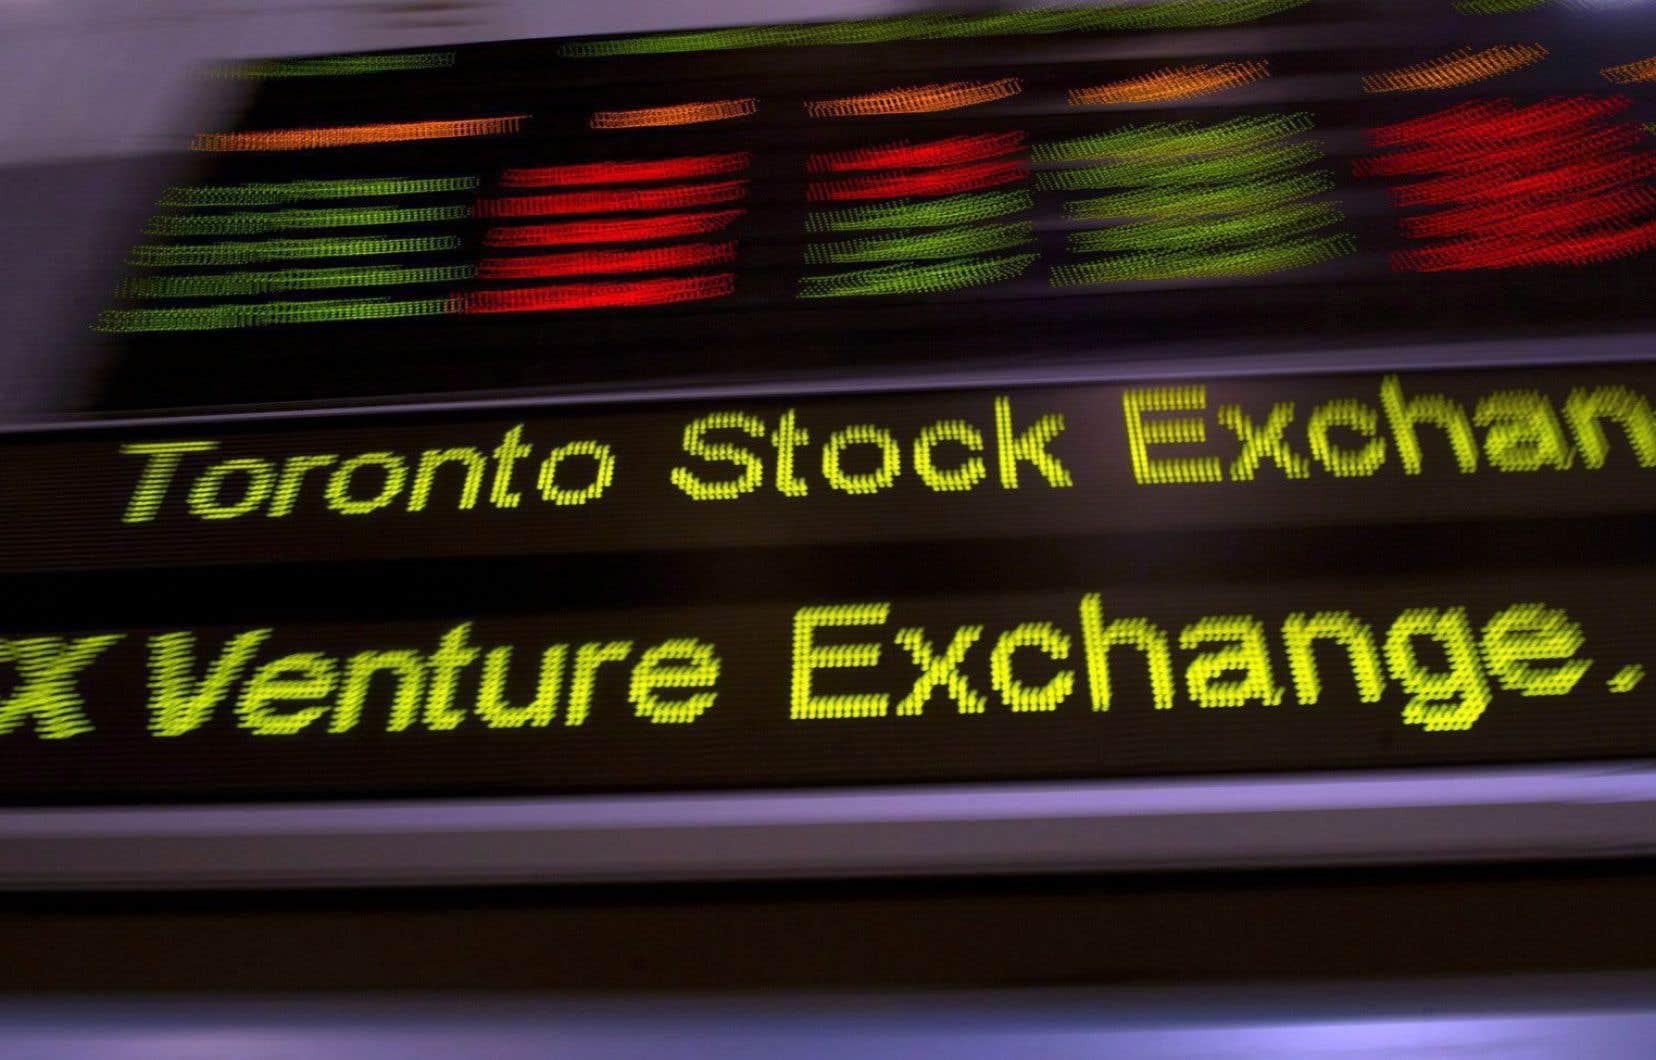 La nouvelle tombe alors que le marché boursier à Toronto a connu mardi une vente massive d'actifs d'un courtier international inconnu.